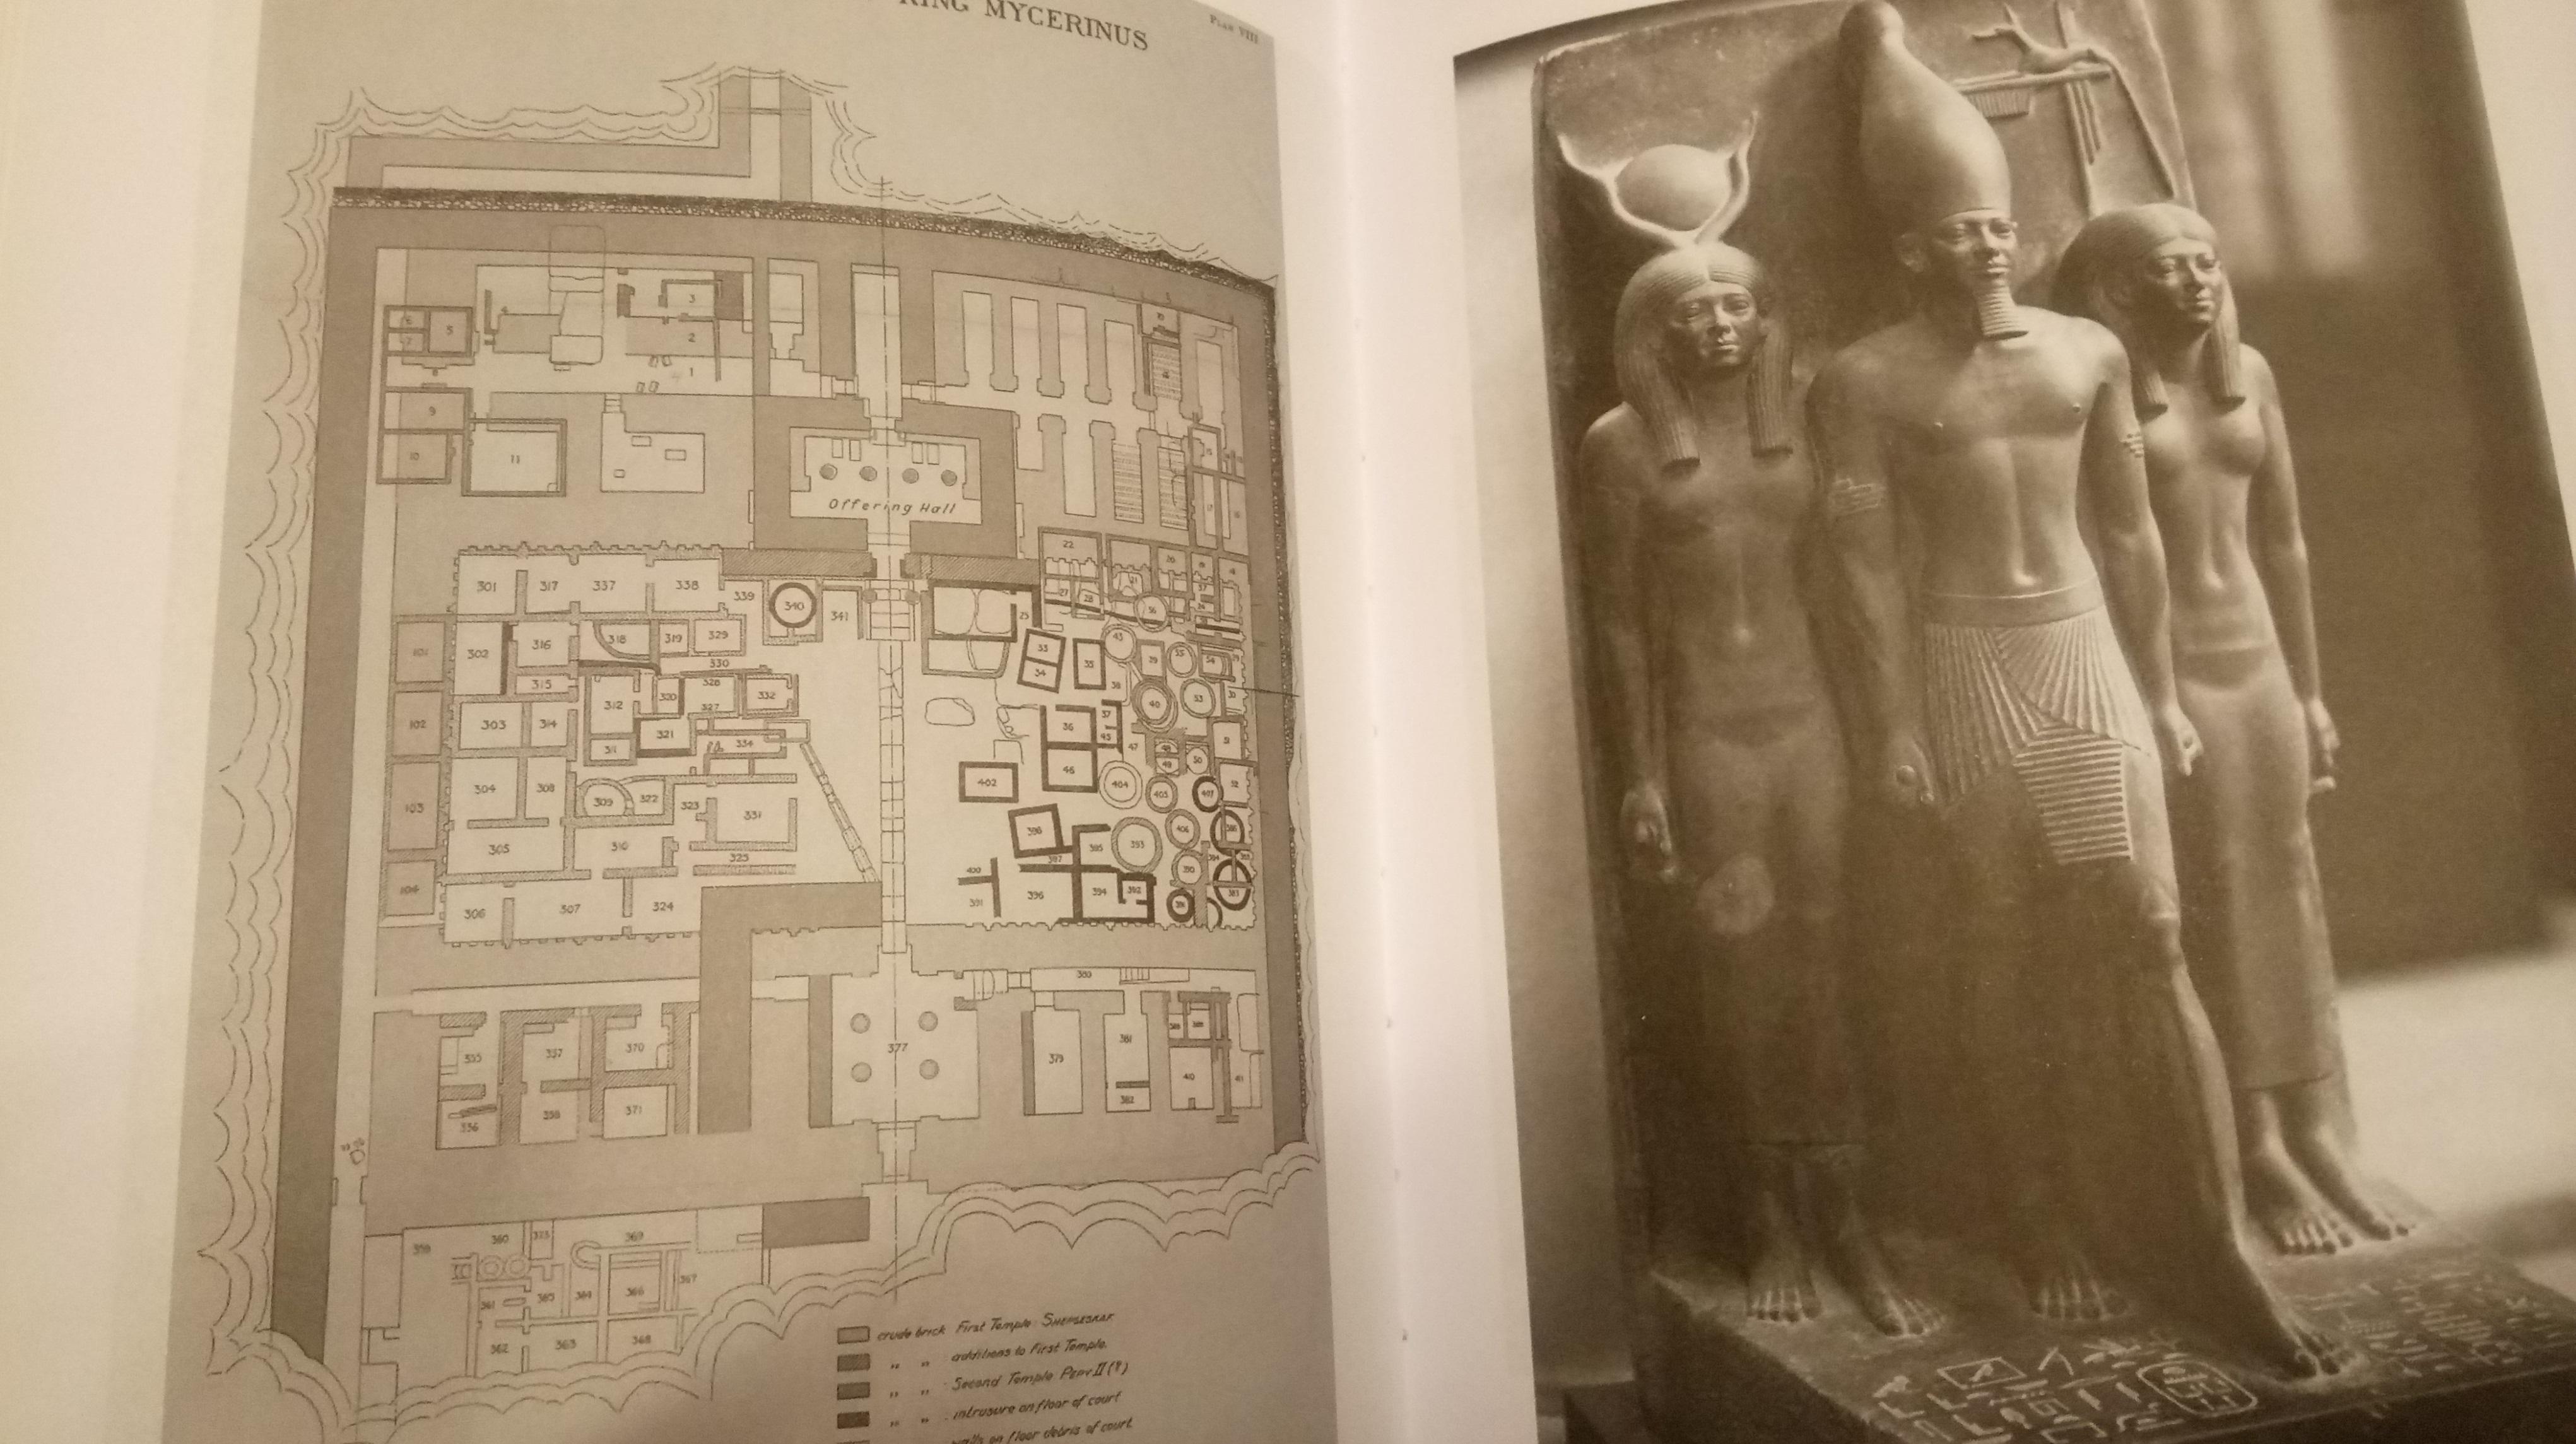 Predstavitev knjige Zgodovina starega Egipta